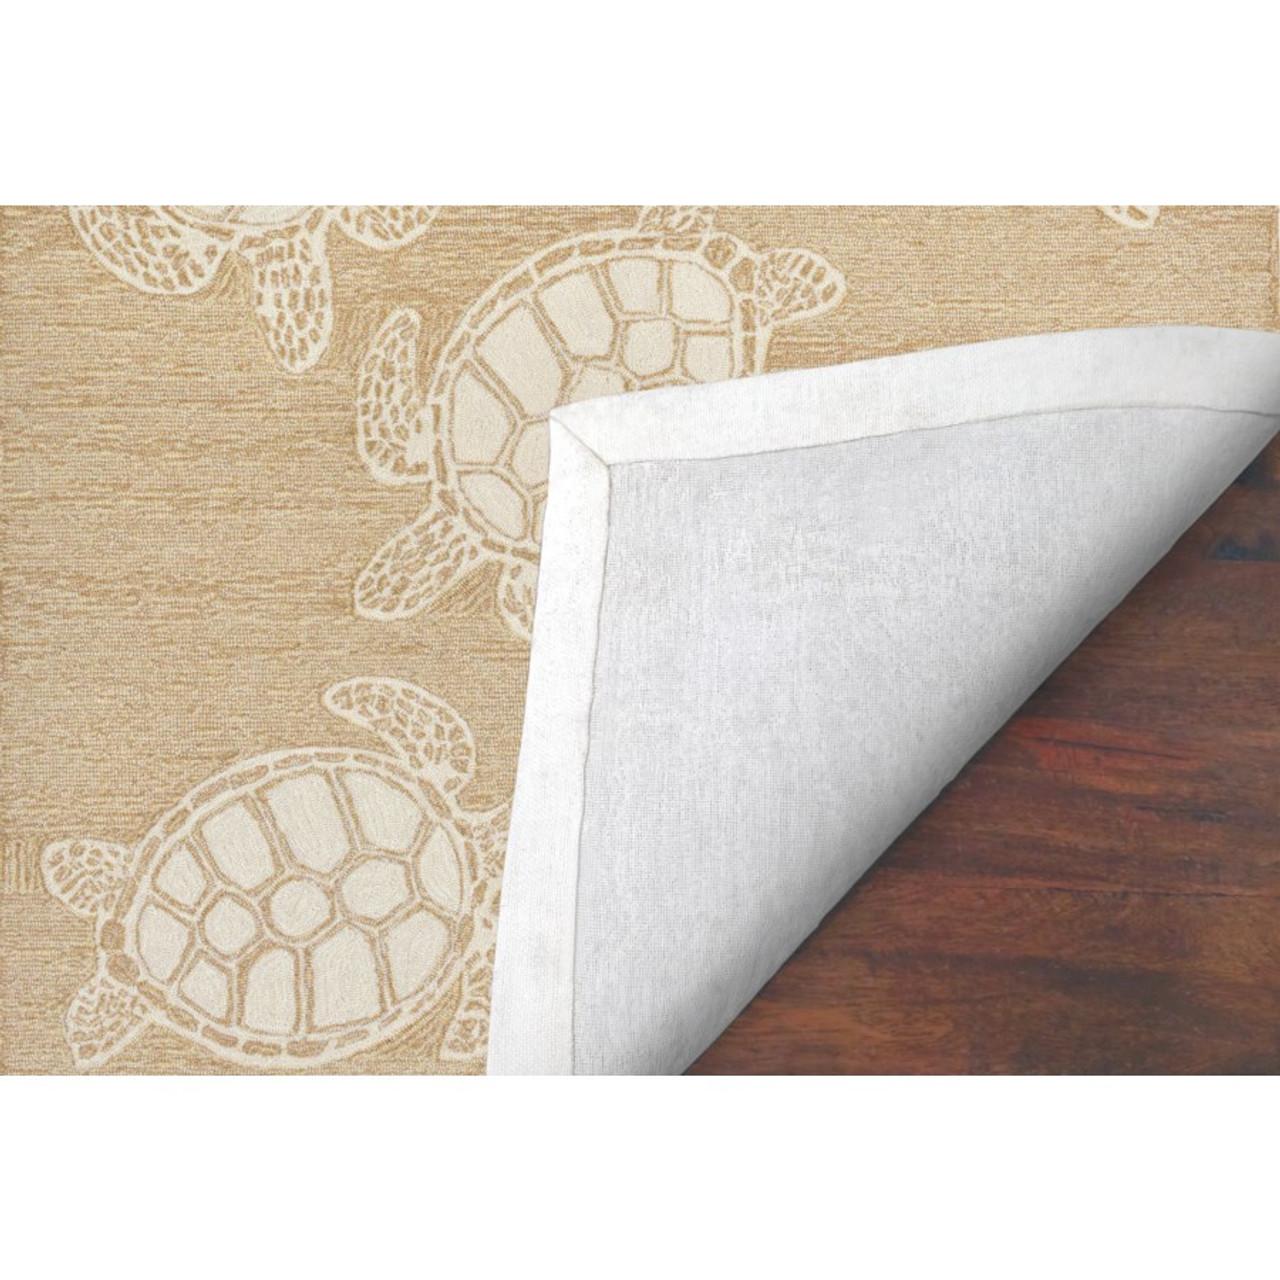 Capri Turtle Indoor/Outdoor Rug - Neutral -  Backing